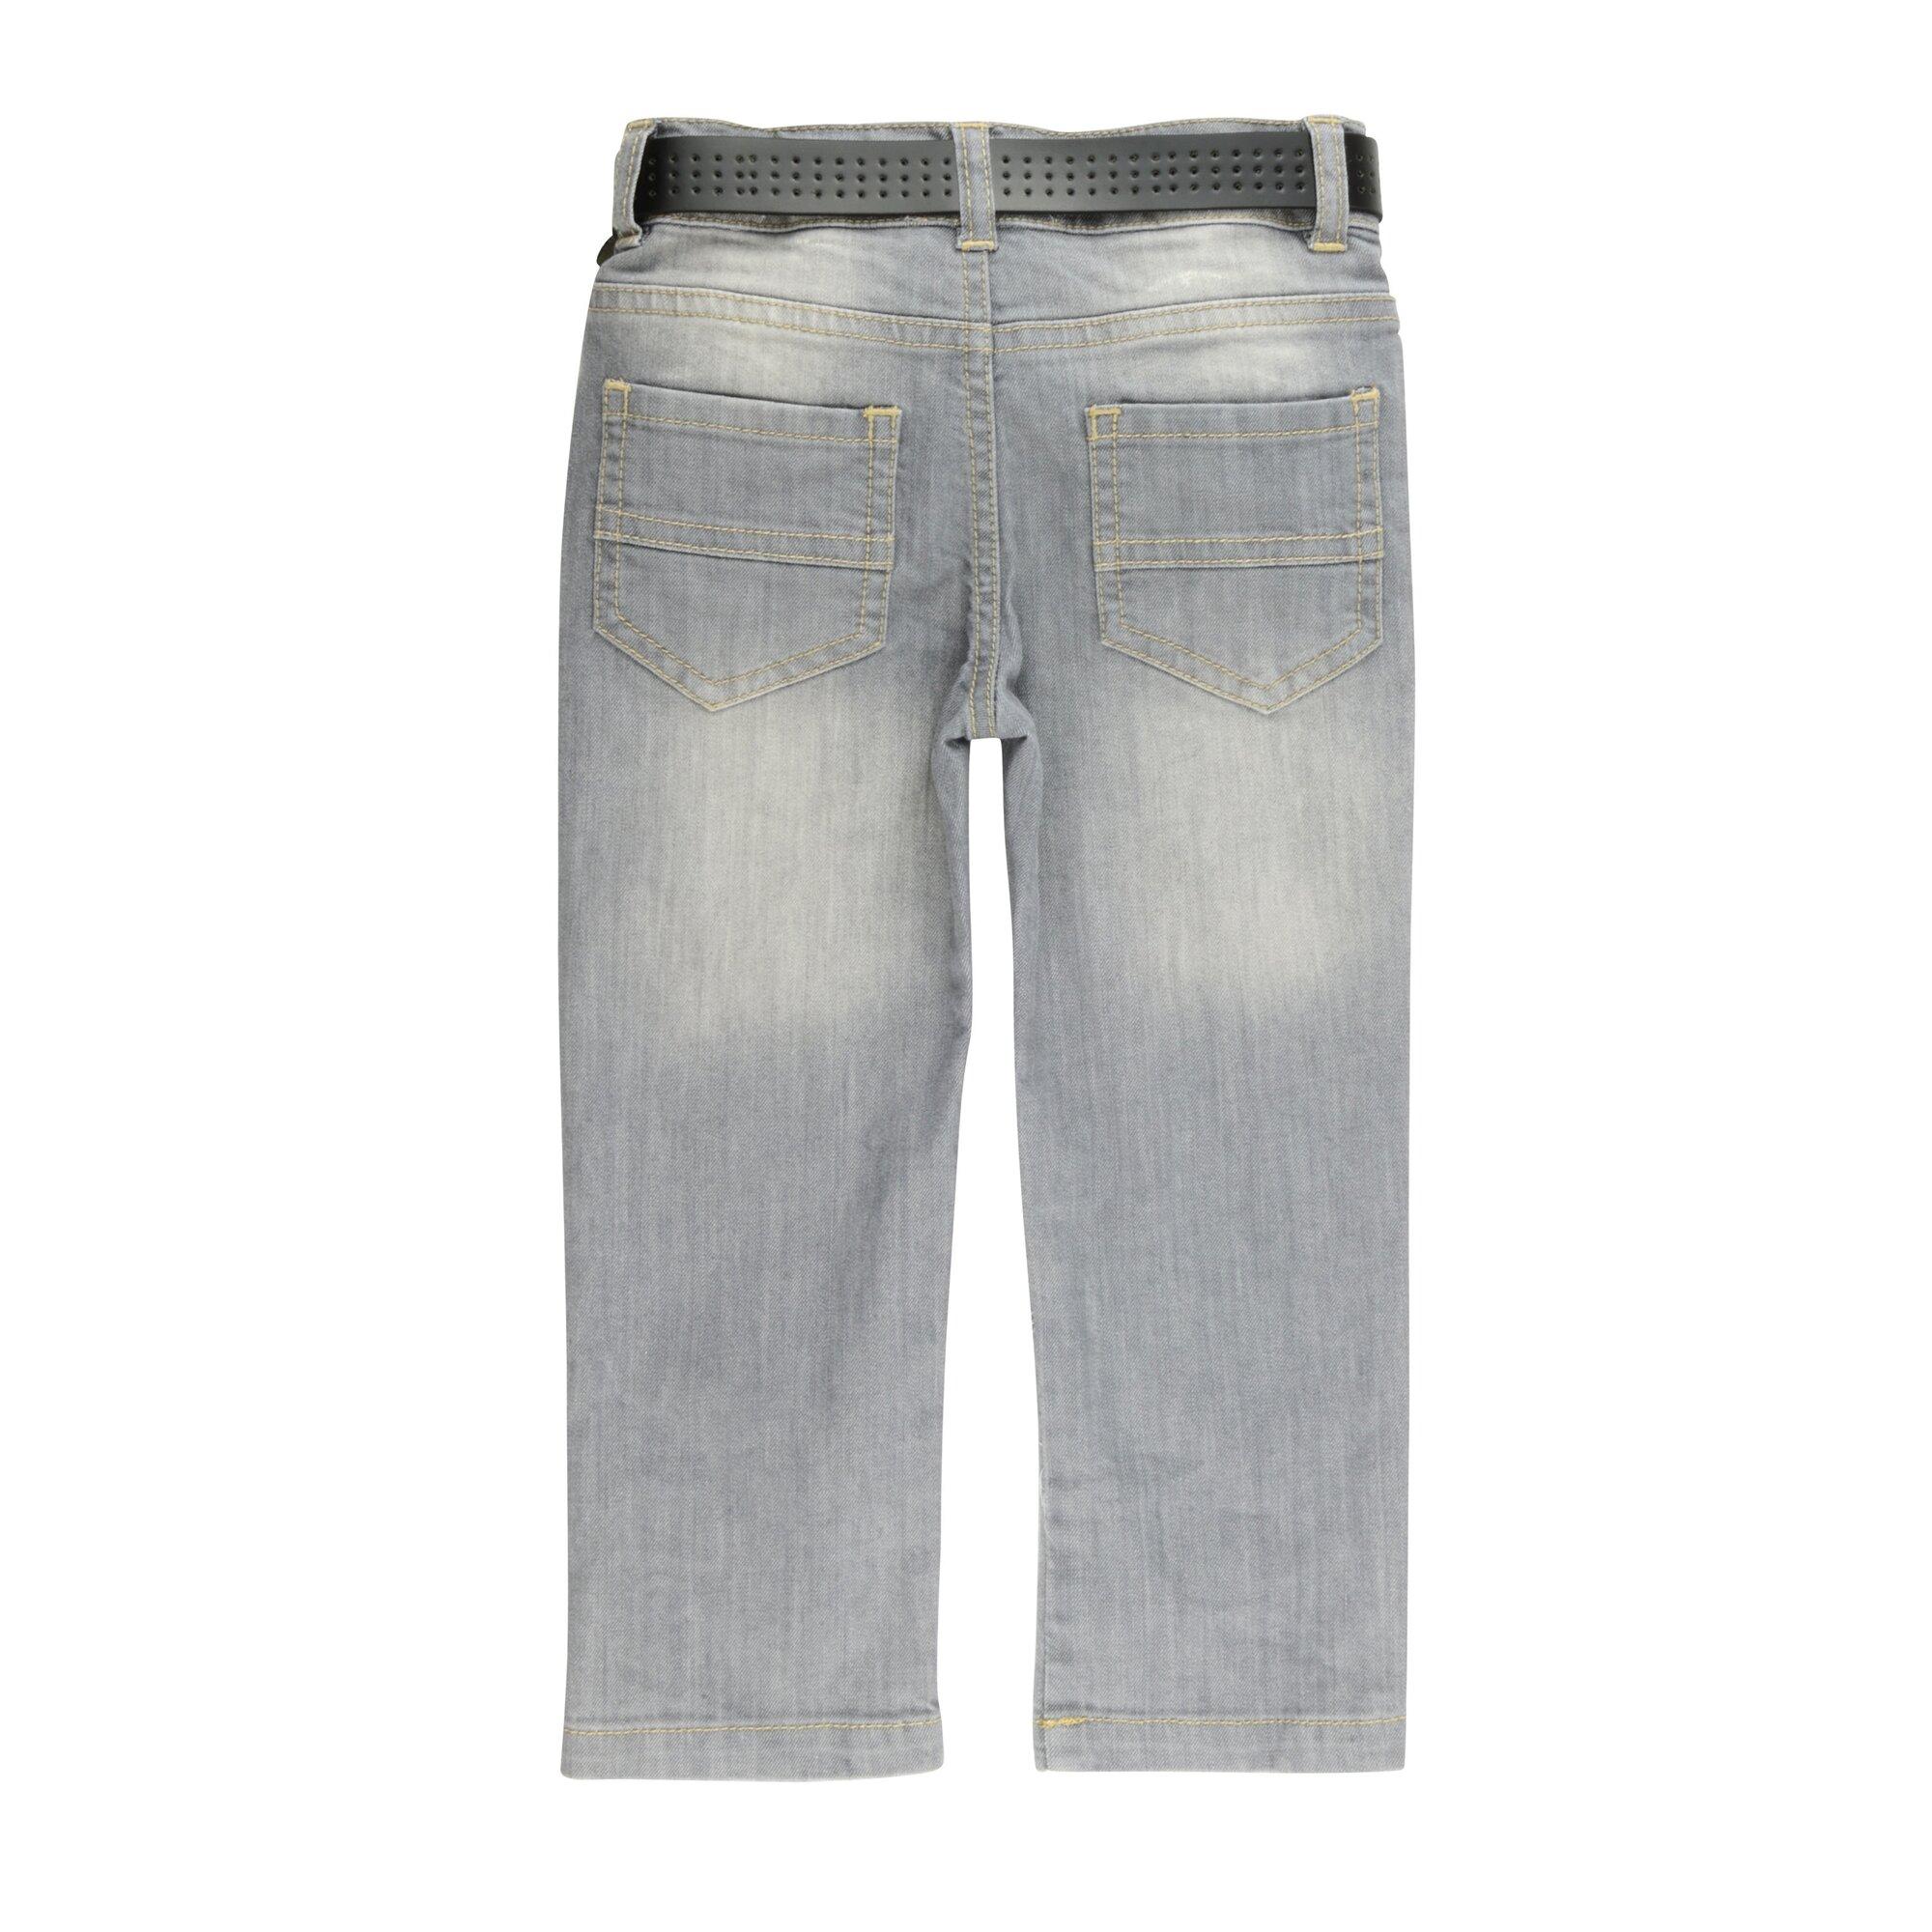 bellybutton-jungen-jeanshose-grau-92-98-104-110-116-122-128